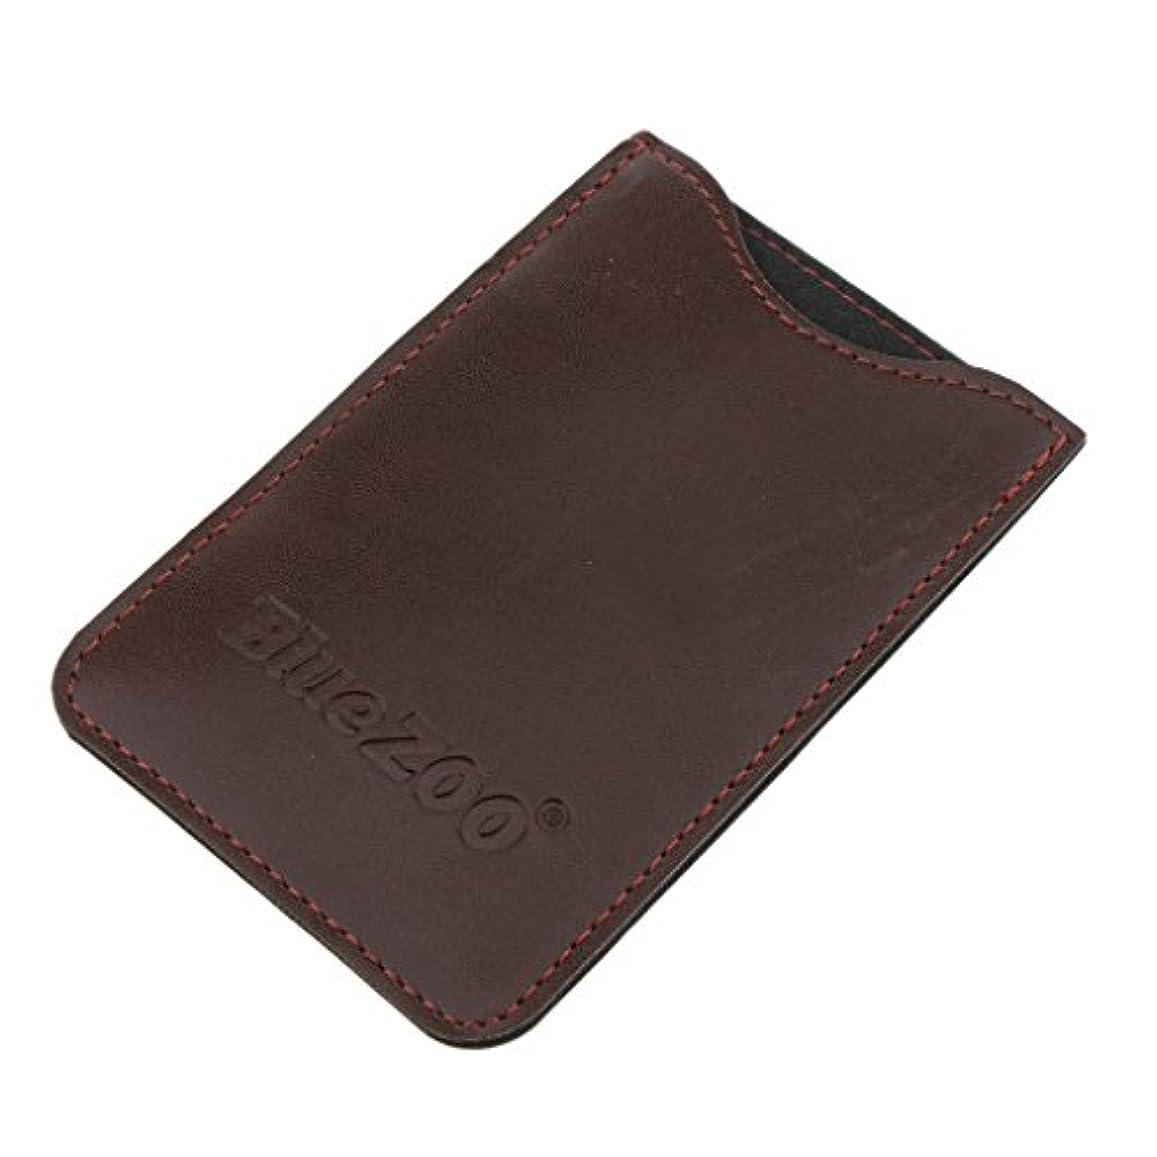 痴漢放散する無効Perfeclan コンビバッグ PUレザー 櫛バッグ ポケット オーガナイザー 収納ケース 保護カバー パック 全2色 - 褐色